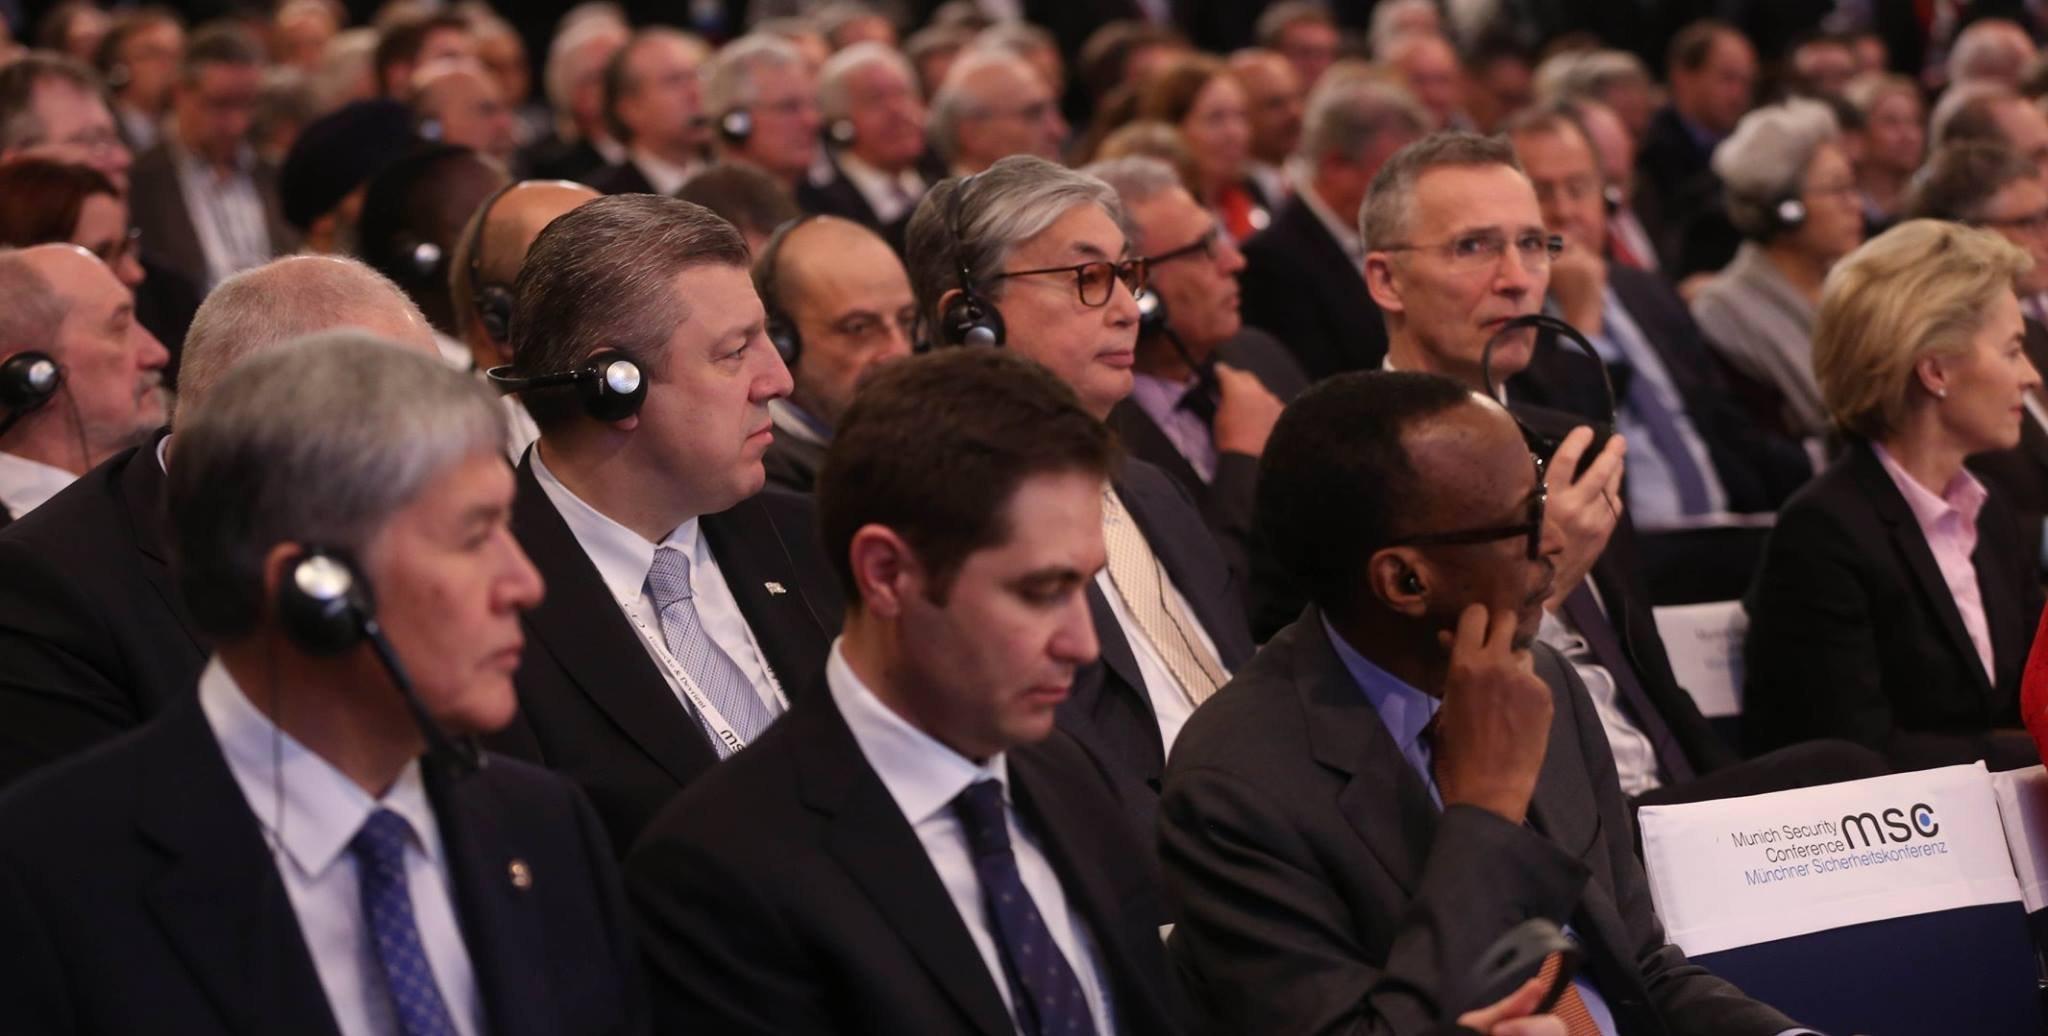 Премьер Грузии Георгий Квирикашвили на Мюнхенской конференции по безопасности